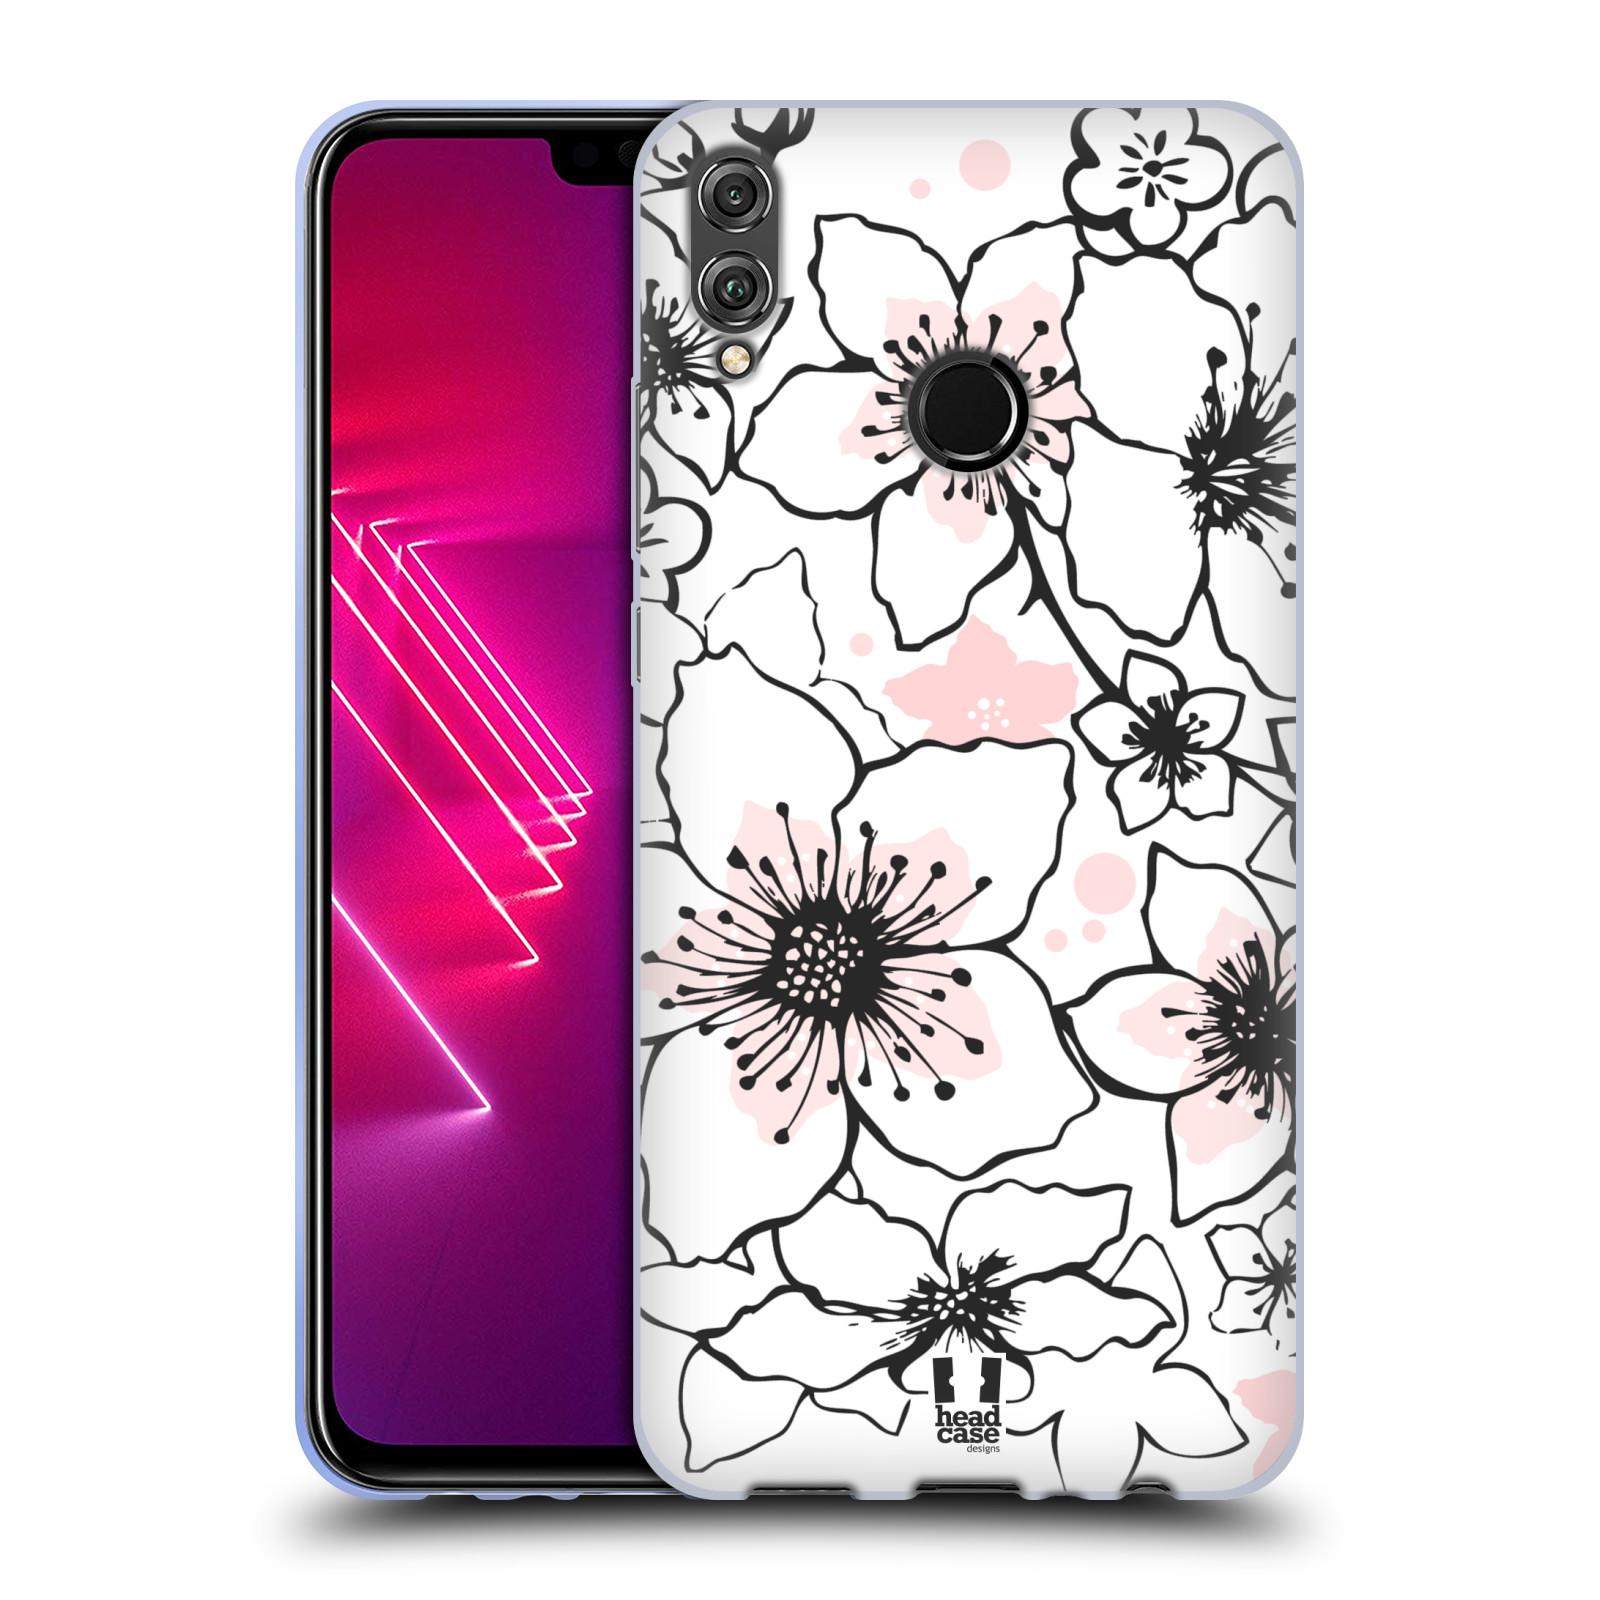 Silikonové pouzdro na mobil Honor View 10 Lite - Head Case - BLOSSOMS SPRINGTIME